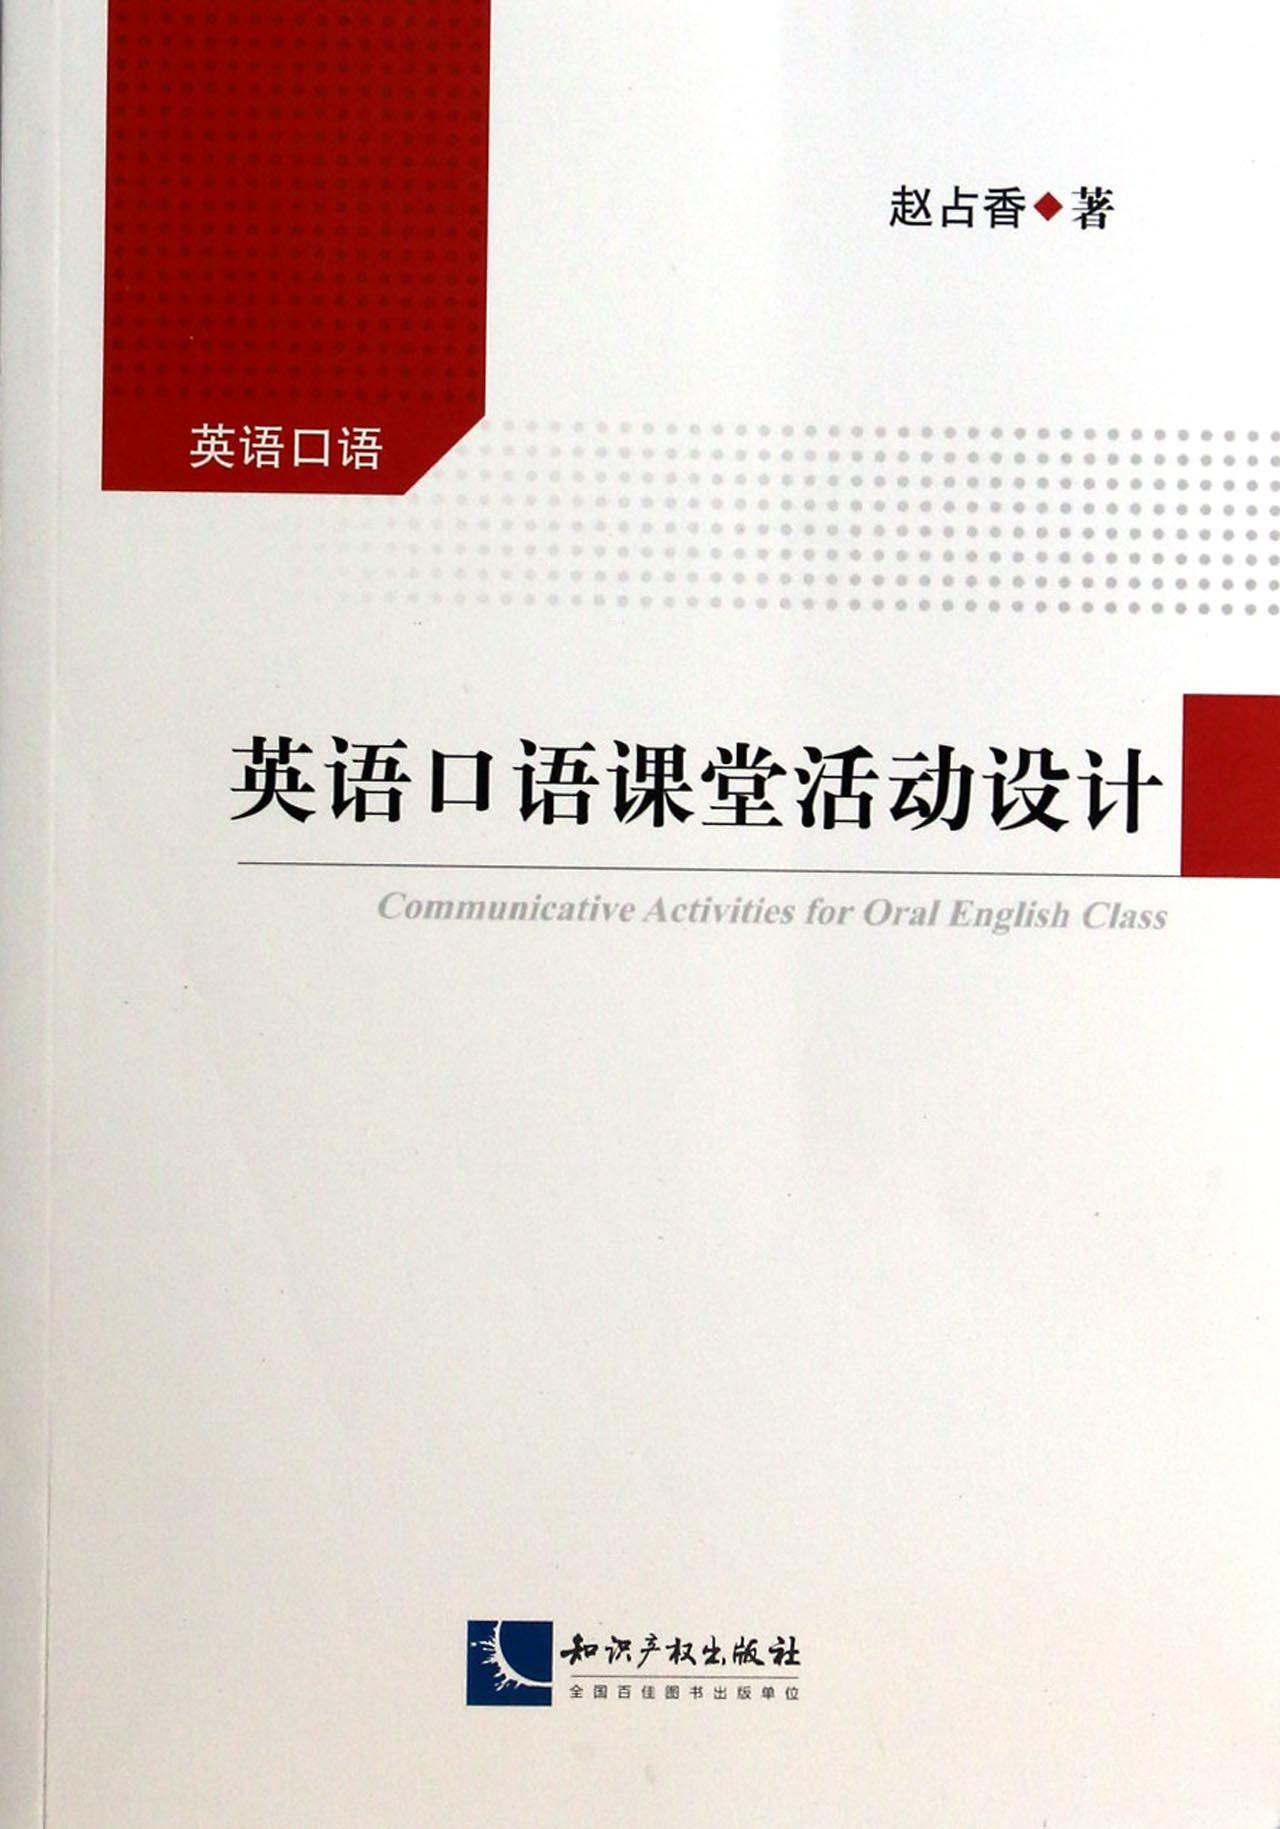 英语口语课堂活动设计